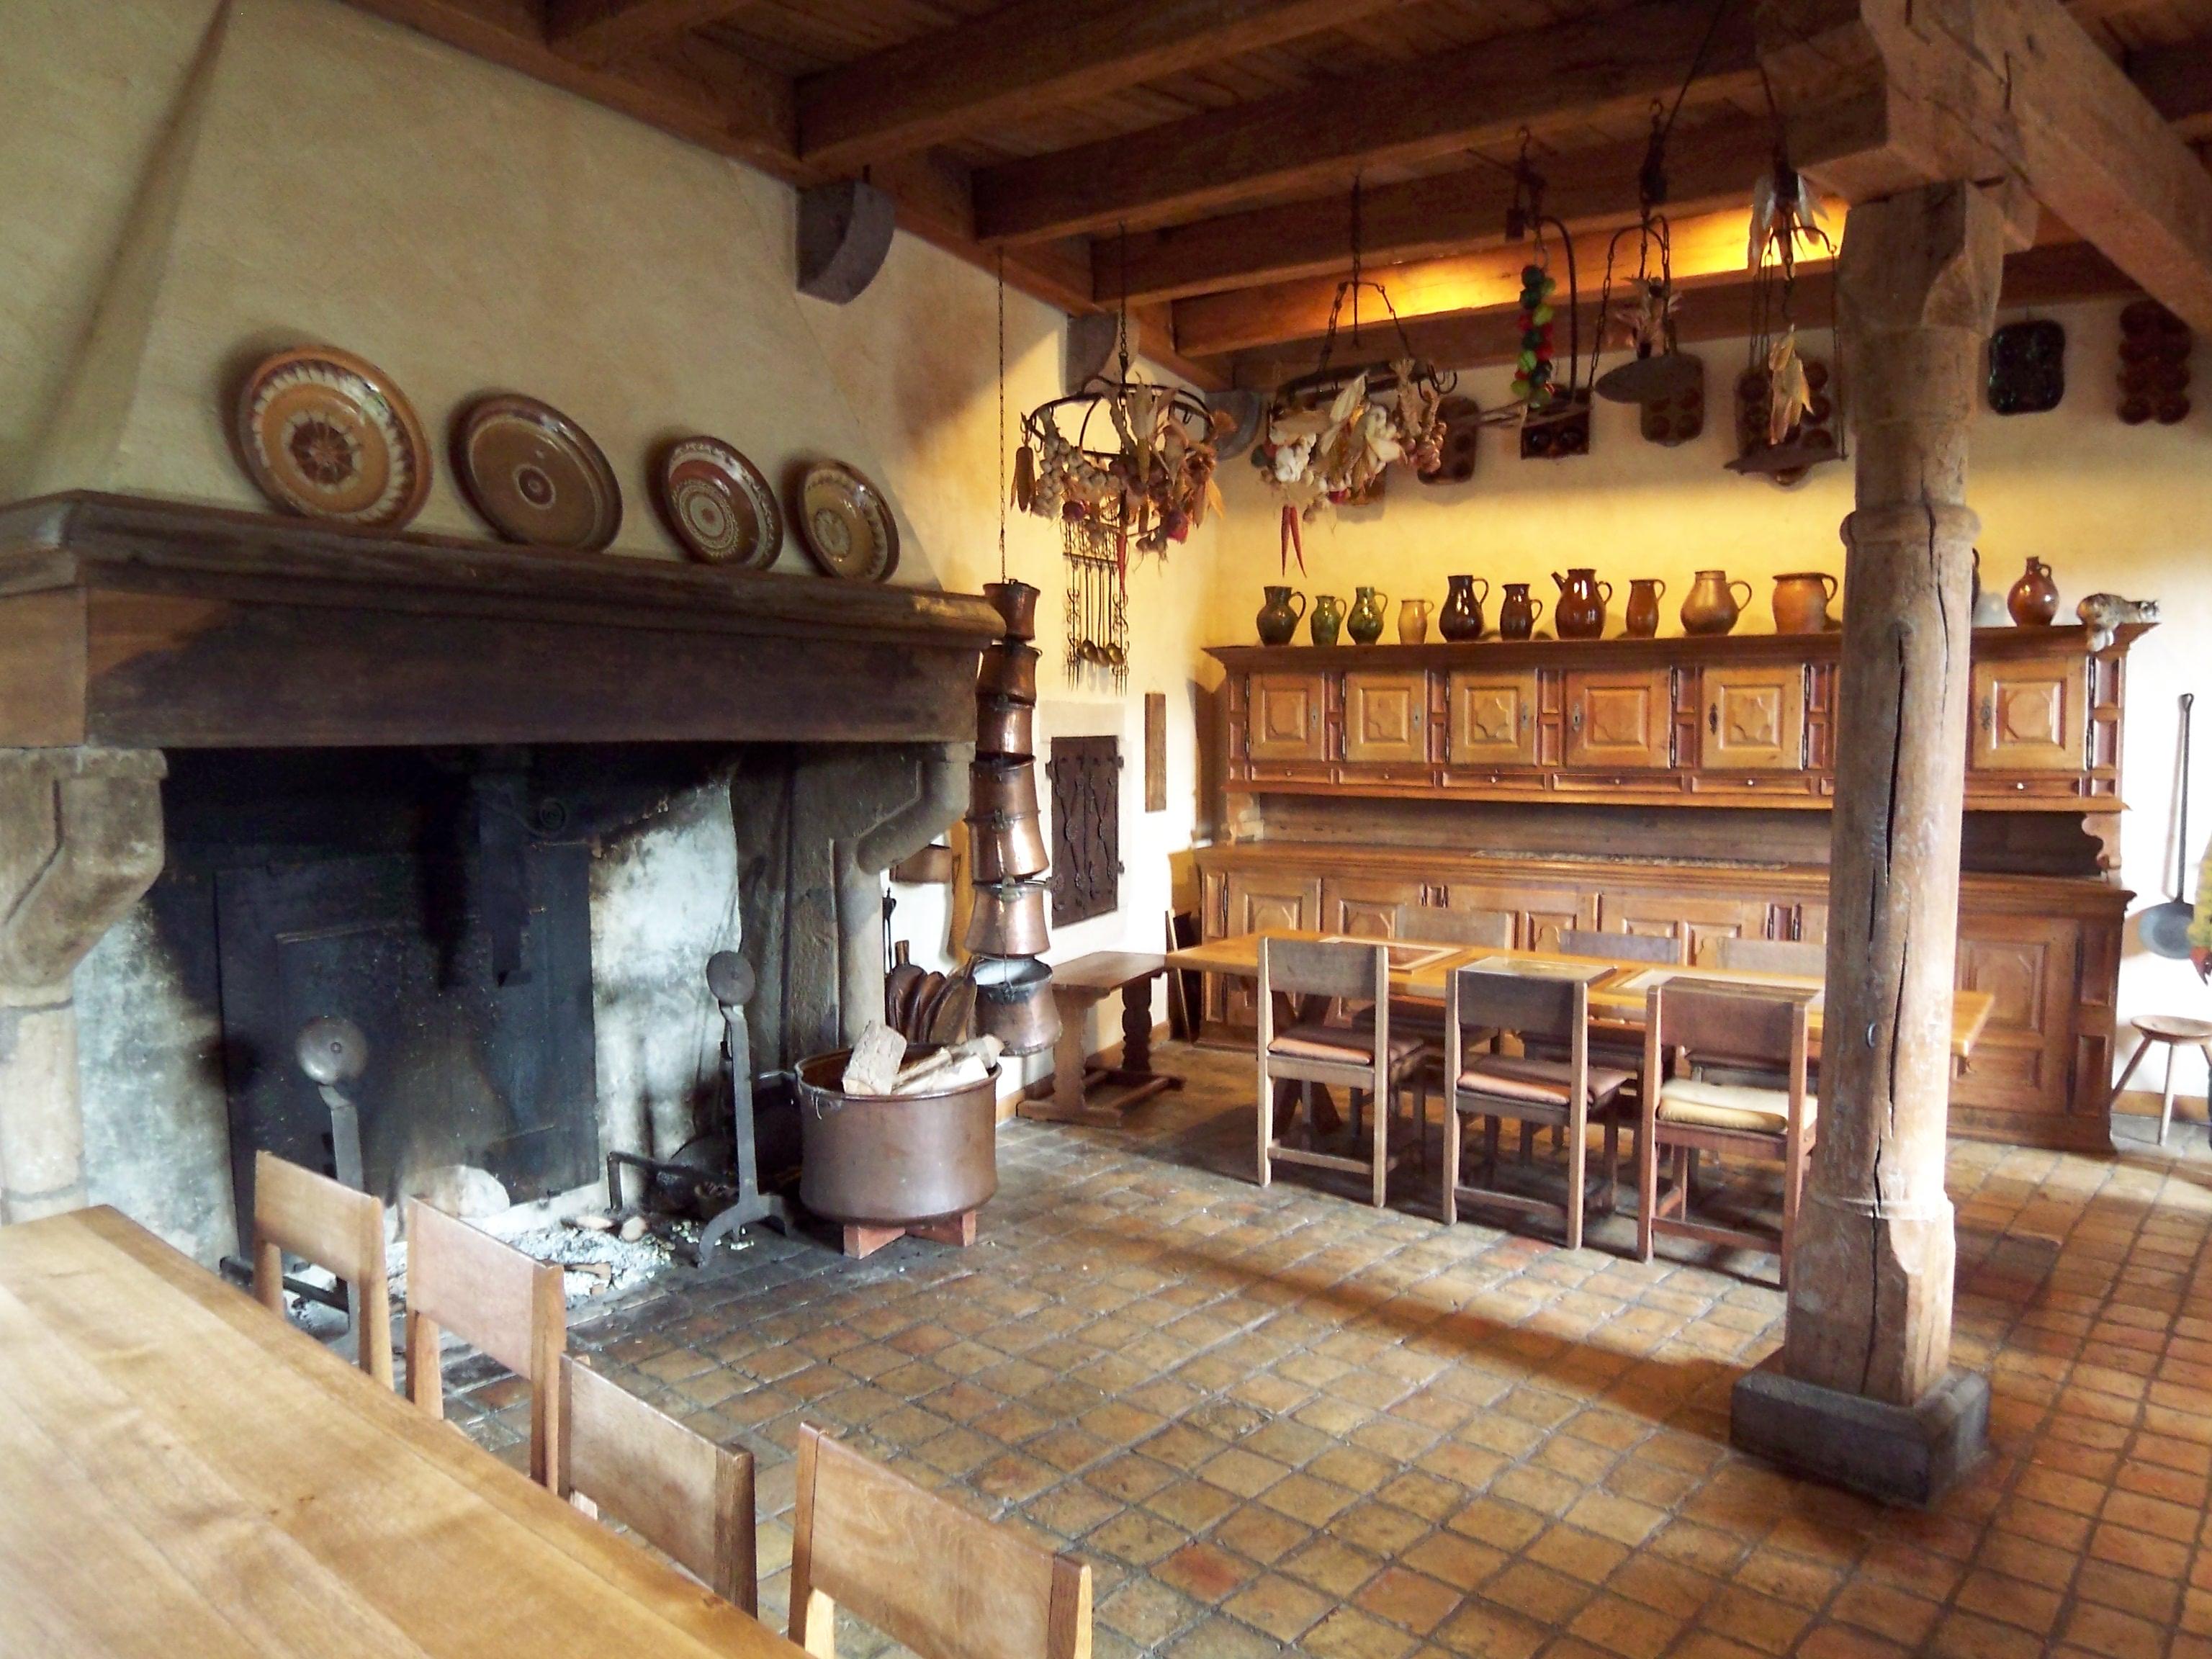 Outdoorküche Napoleon Wikipedia : Outdoor küche napoleon aussenküchen outdoor hico feuerland gränichen